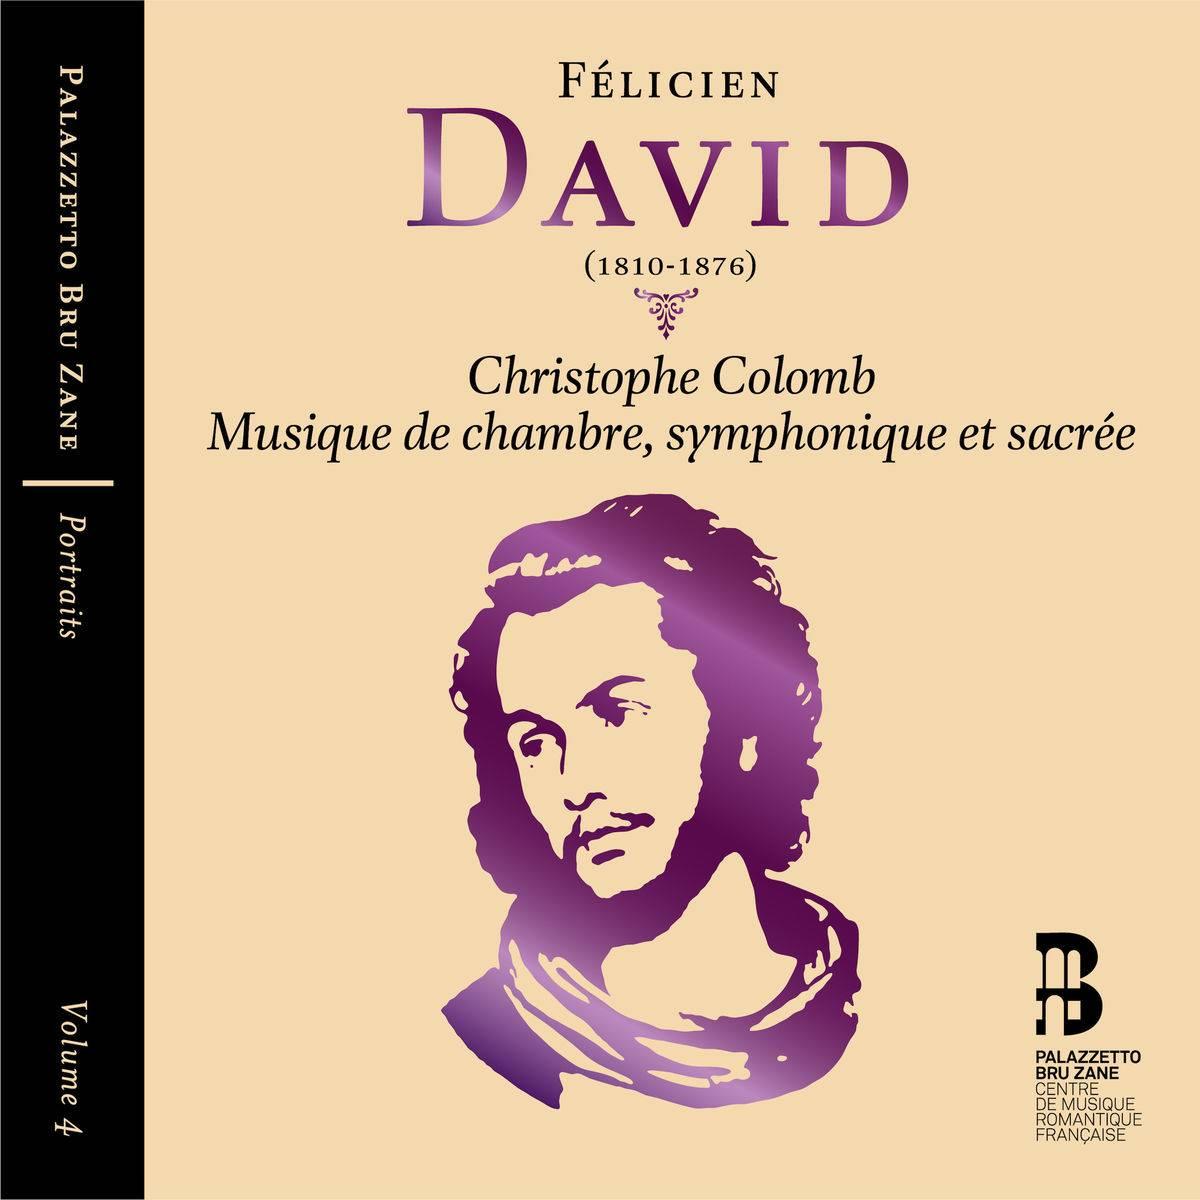 Flemish Radio Choir, Brussels Philharmonic, Hervé Niquet, Les Siècles & François-Xavier Roth - Félicien David (2017) [24/48]